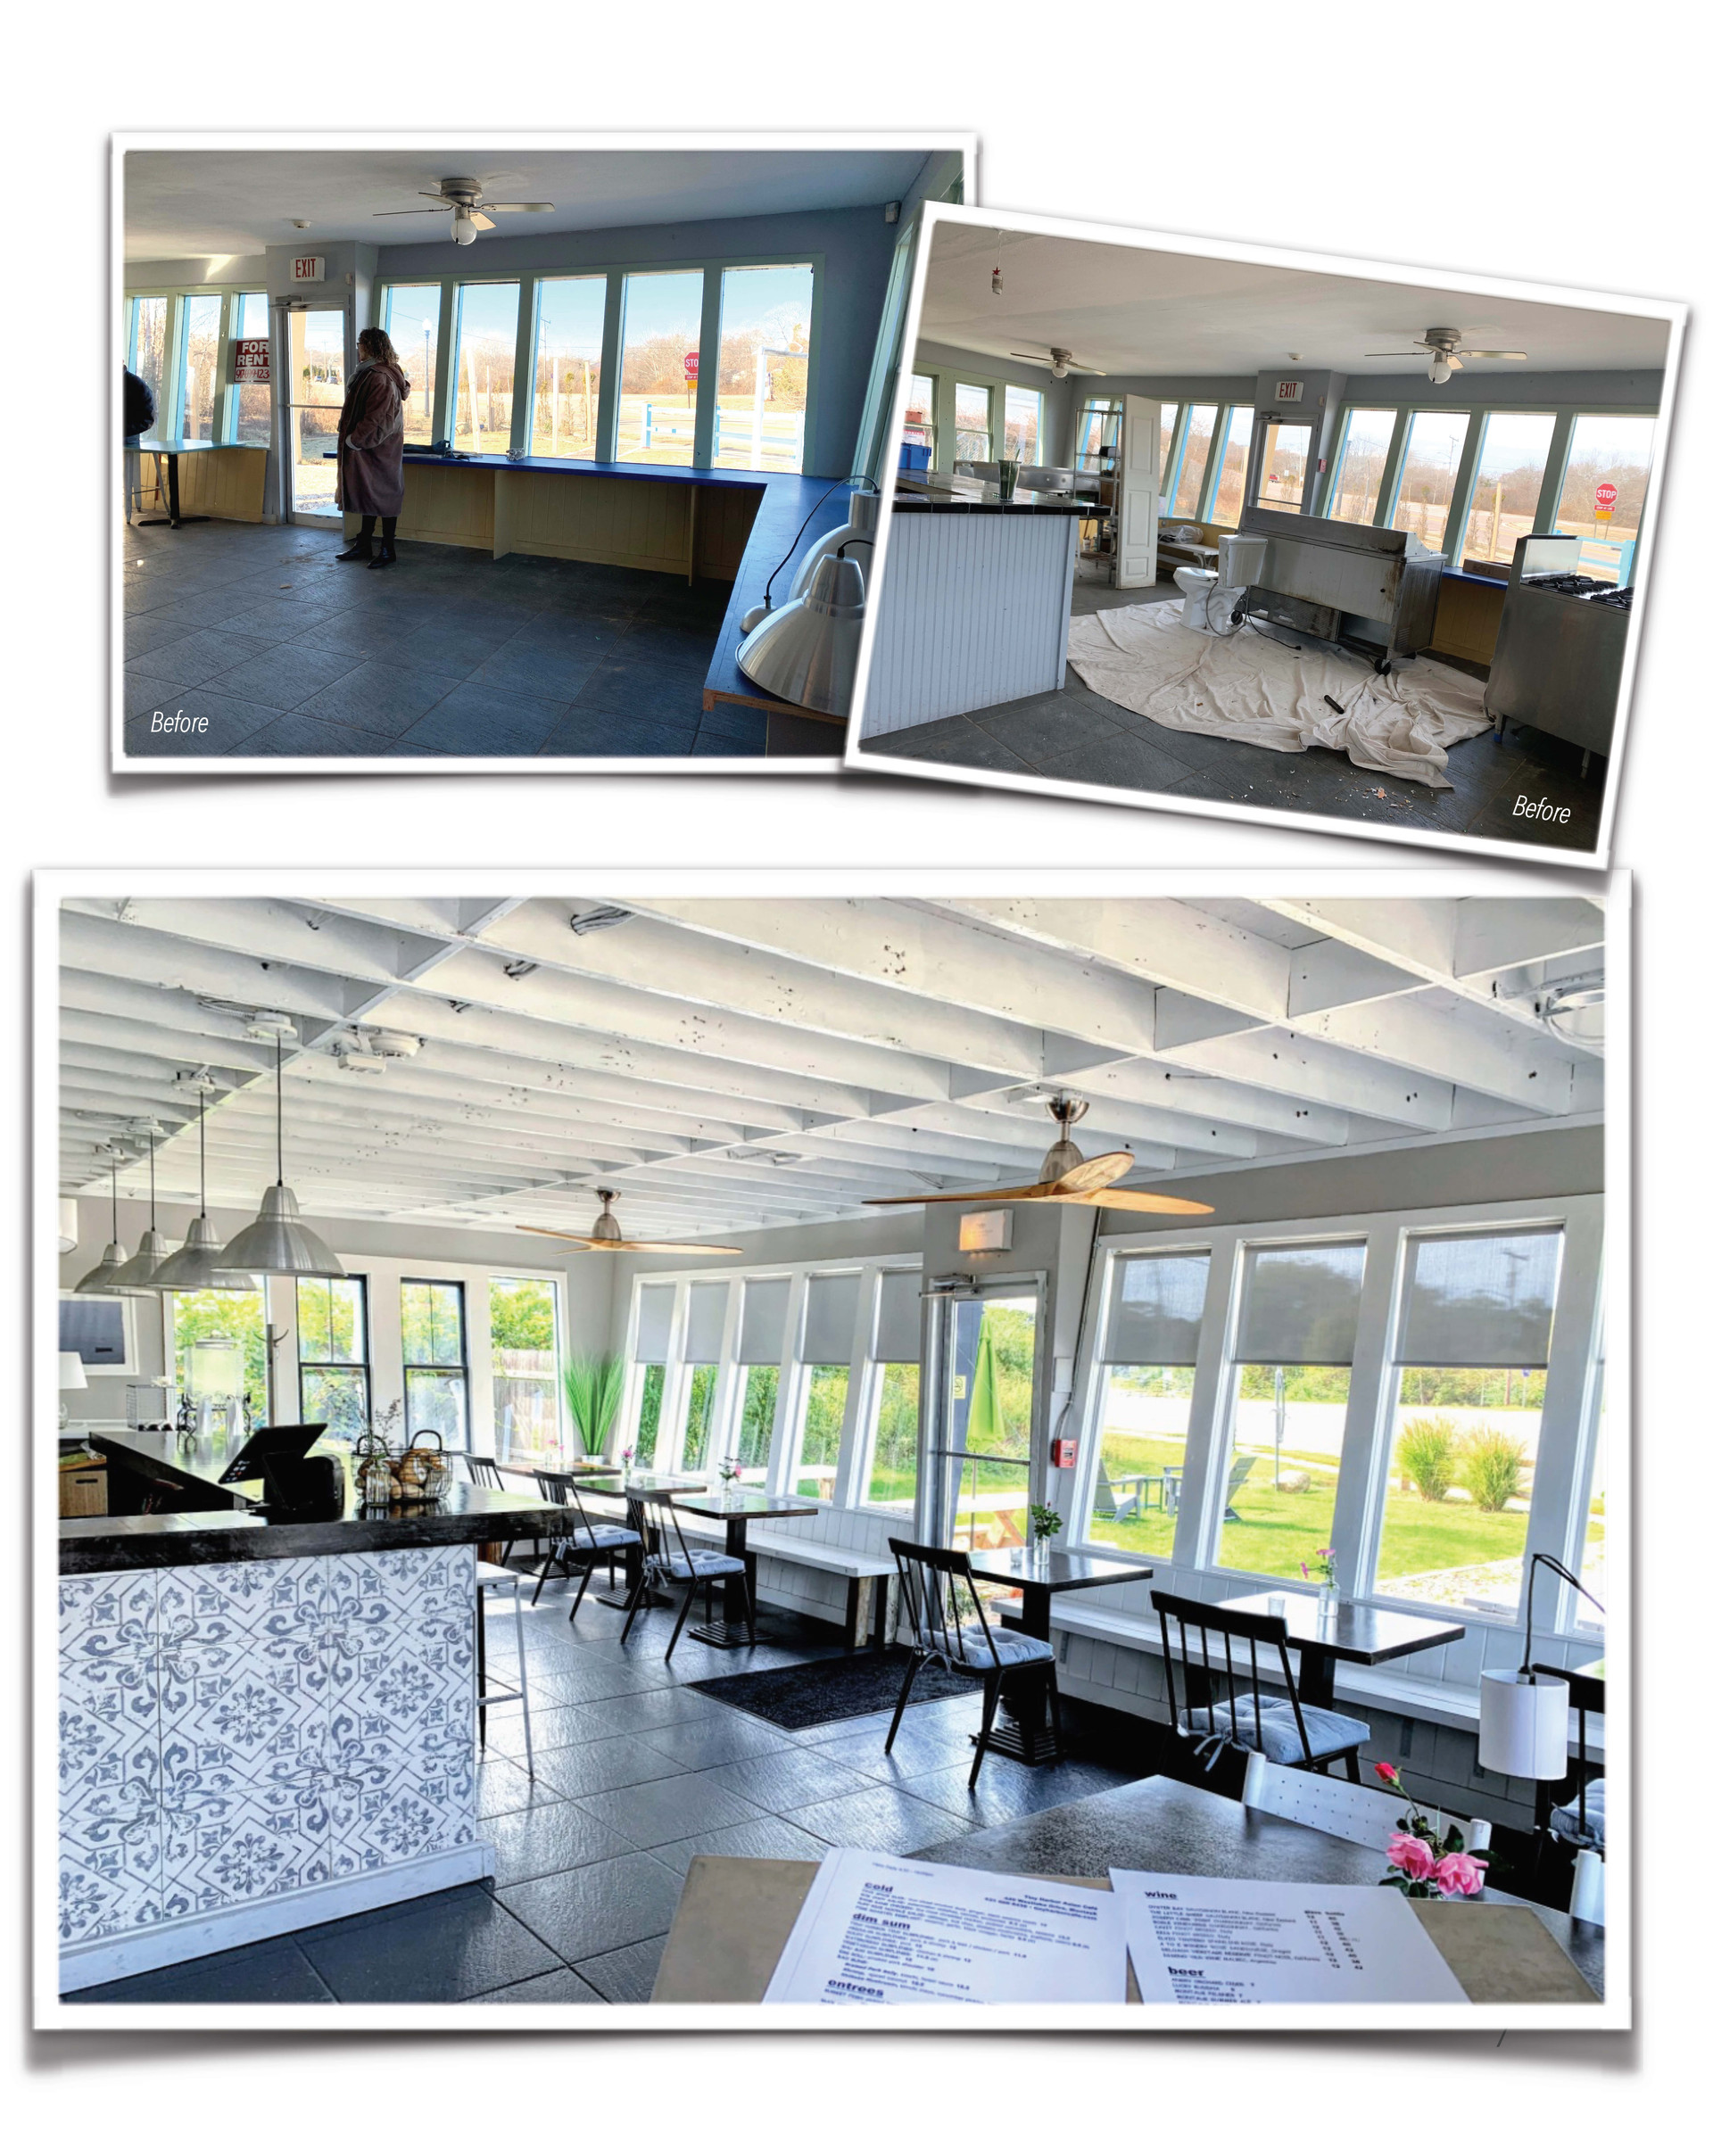 Tiny Harbor Cafe Pg 7.jpg